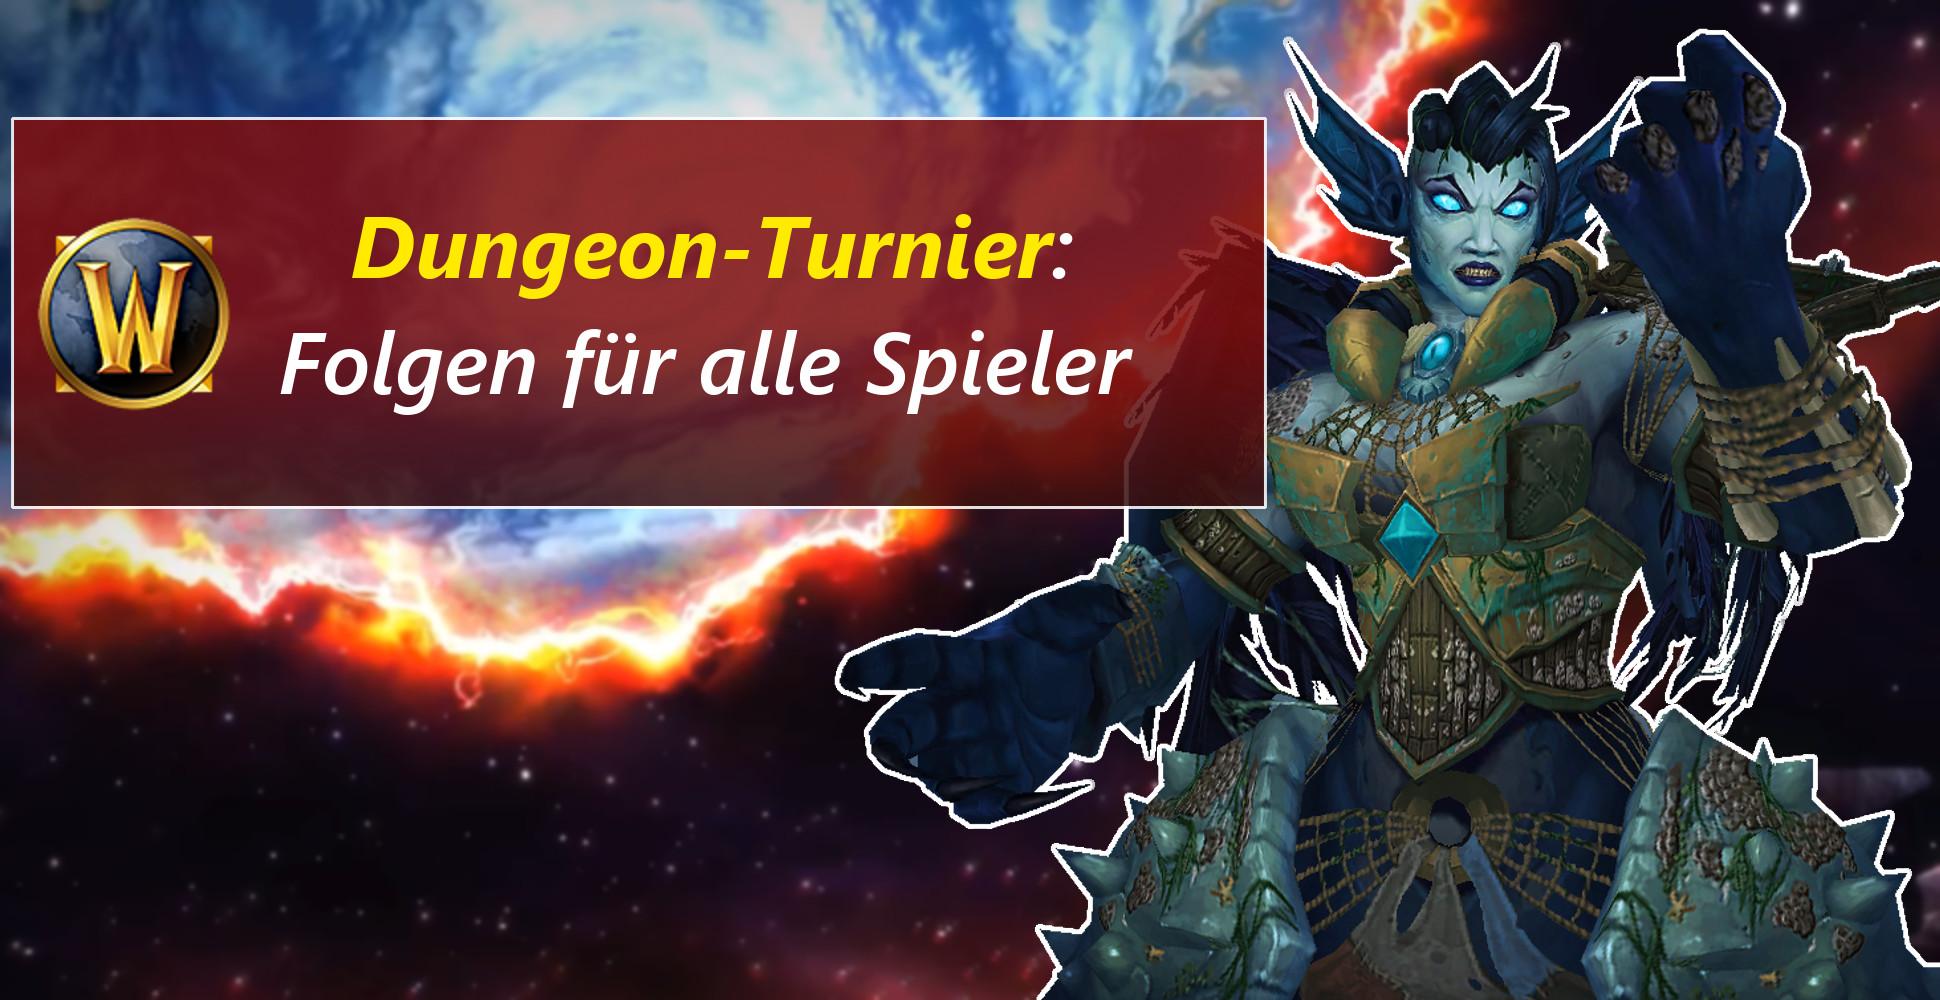 """WoW: Dungeon-Turnier """"bestraft"""" alle Spieler"""